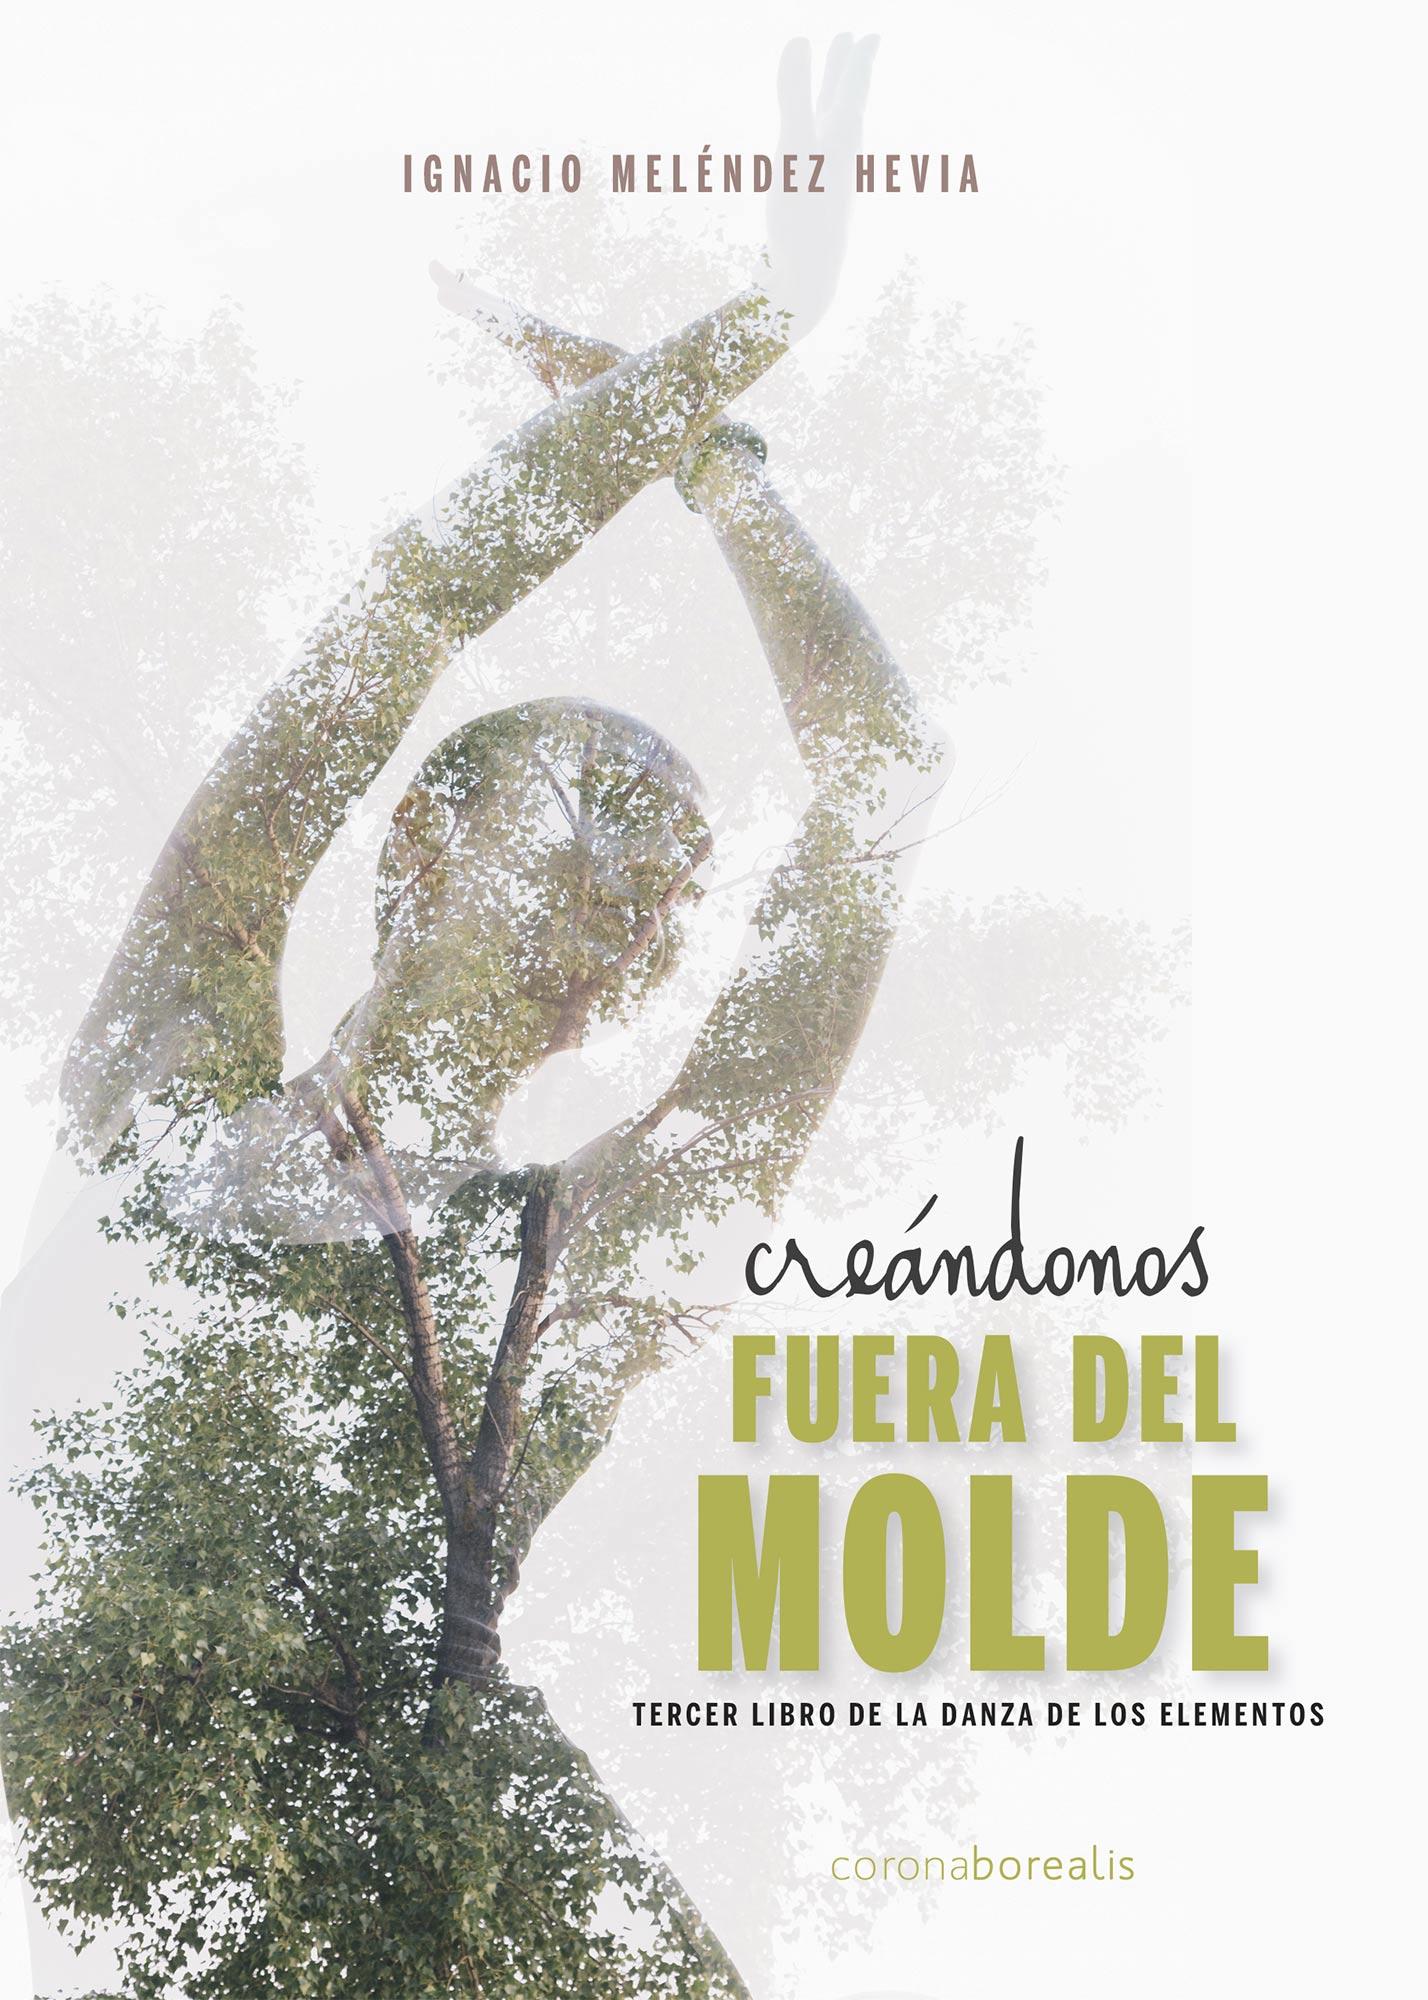 CREÁNDONOS FUERA DEL MOLDE